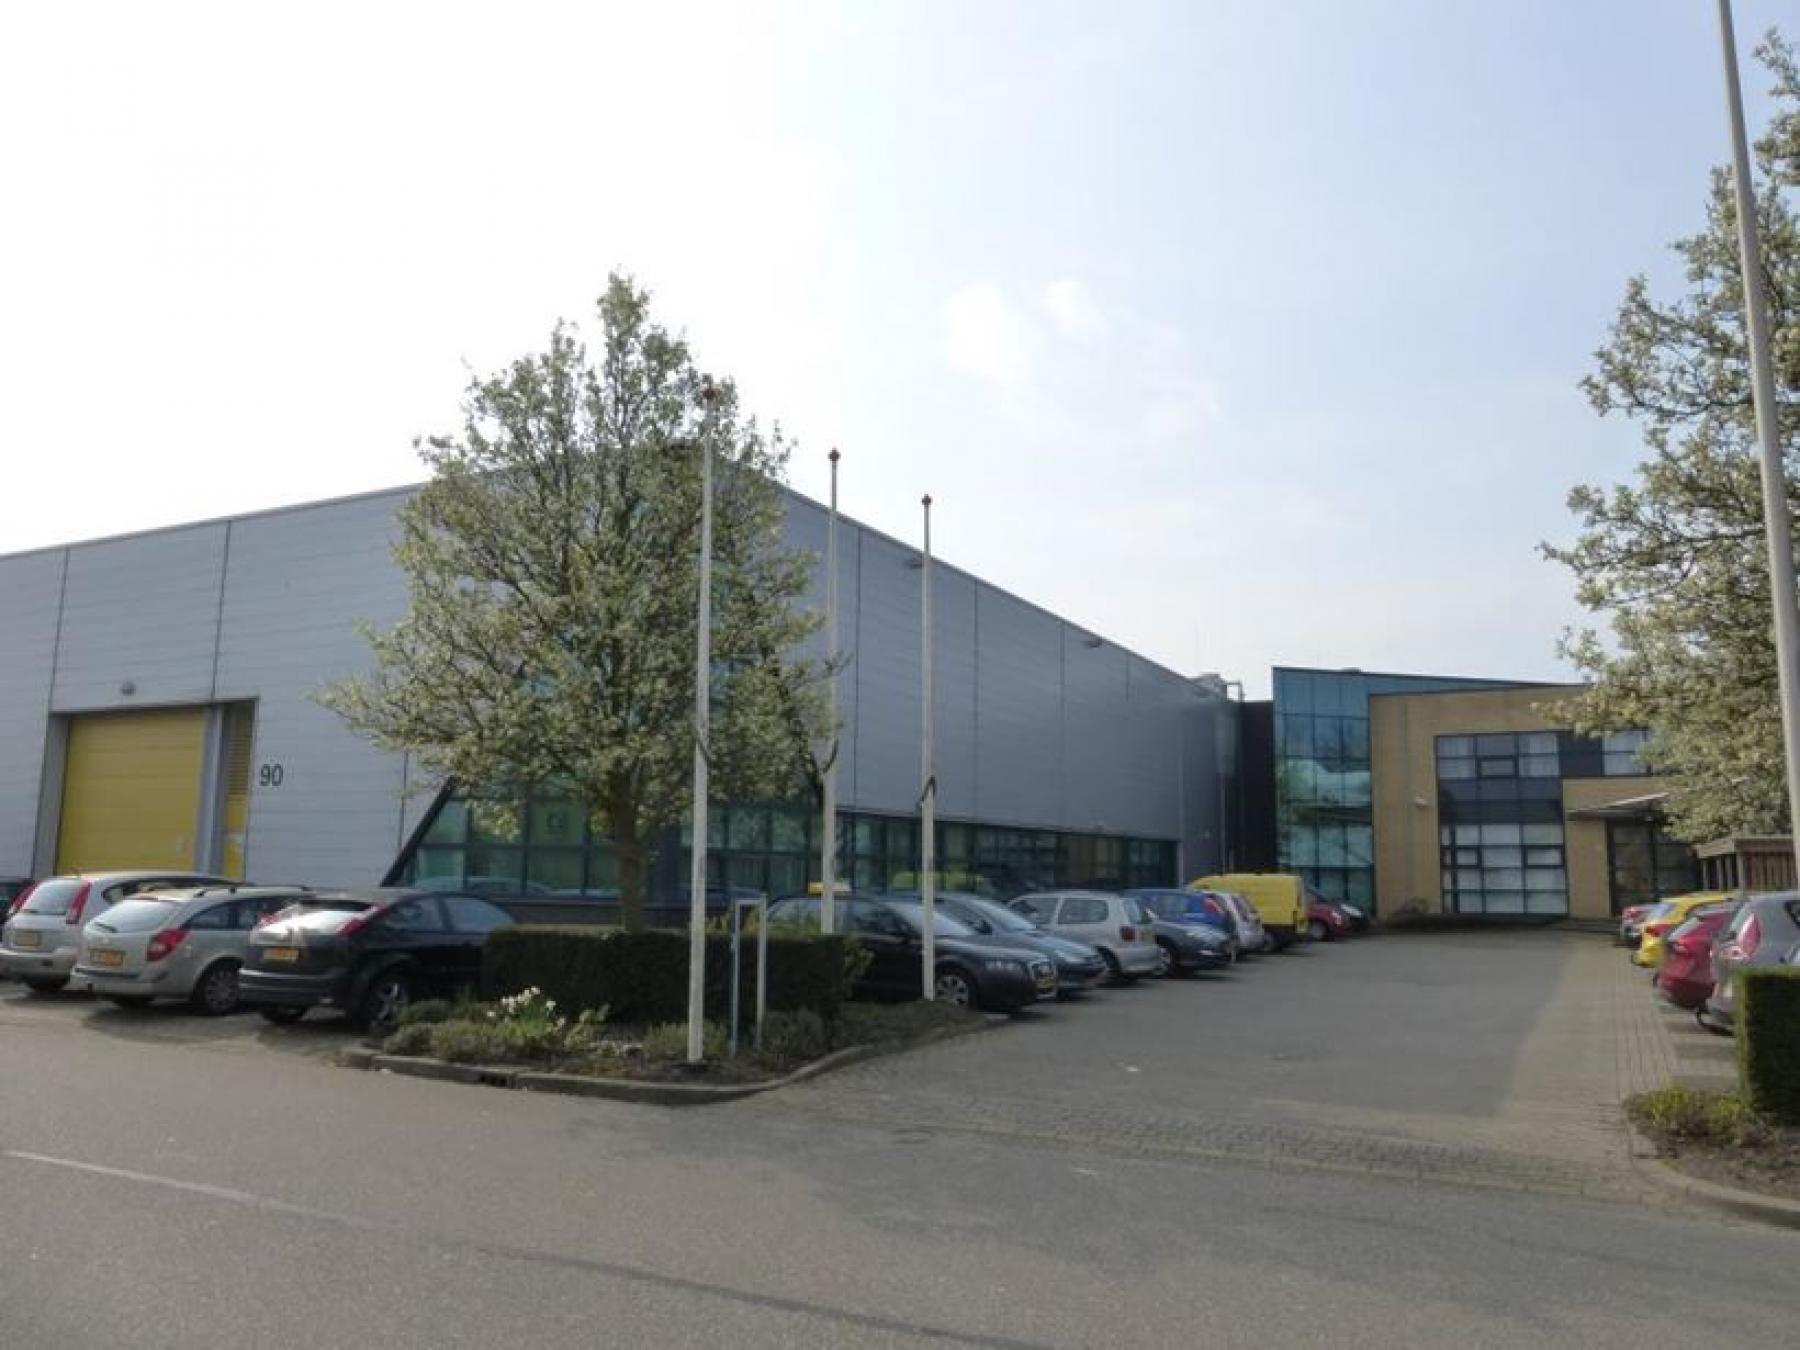 parkeerruimte aanwezig bij het kantoorgebouw in zoetermeer, kantoorruimte beschikbaar